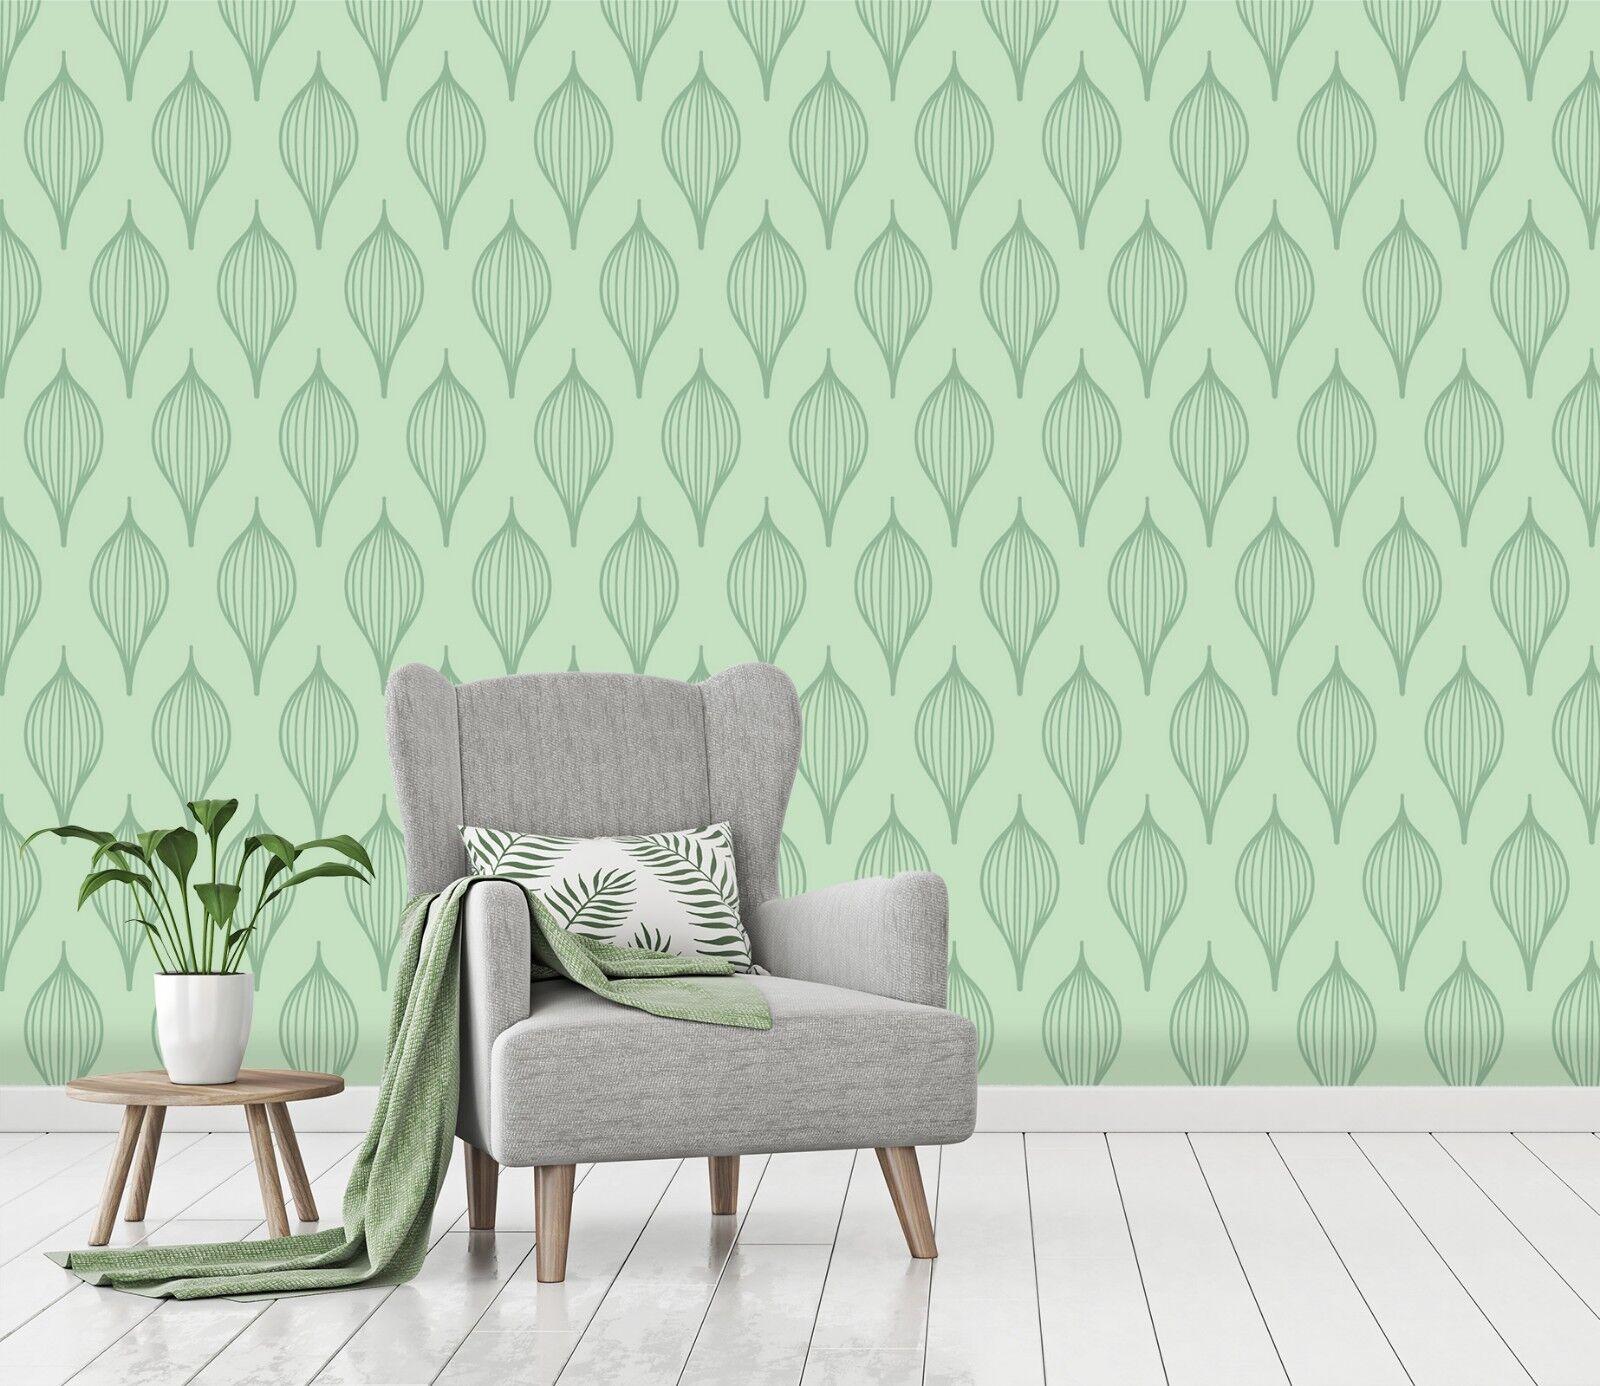 3D Grün Floral 231 Wallpaper Mural Print Wall Indoor Wallpaper Murals UK Summer